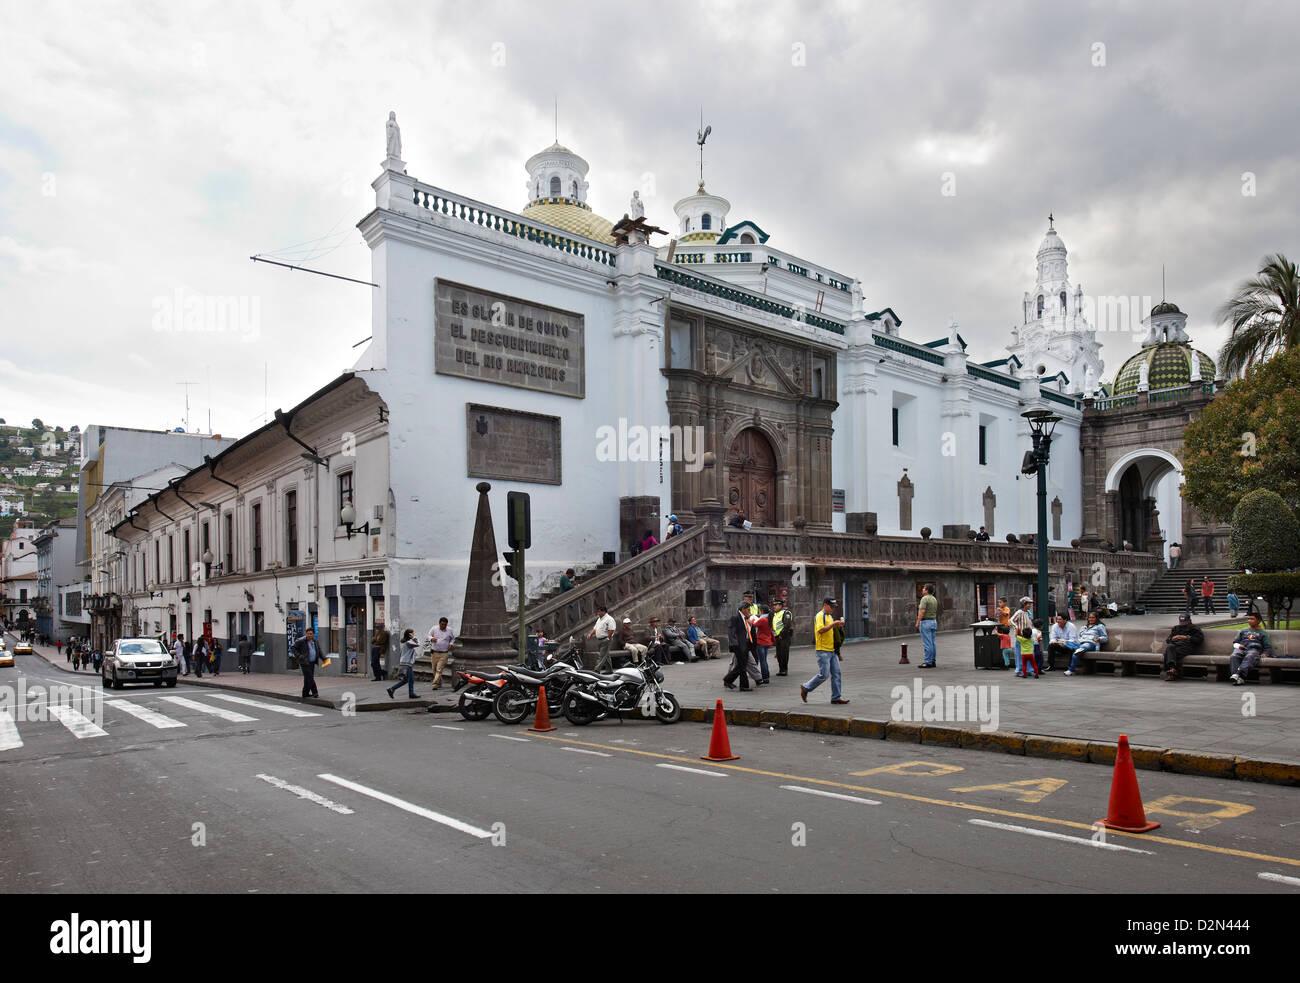 Cathédrale métropolitaine, centre historique de Quito, Équateur Photo Stock